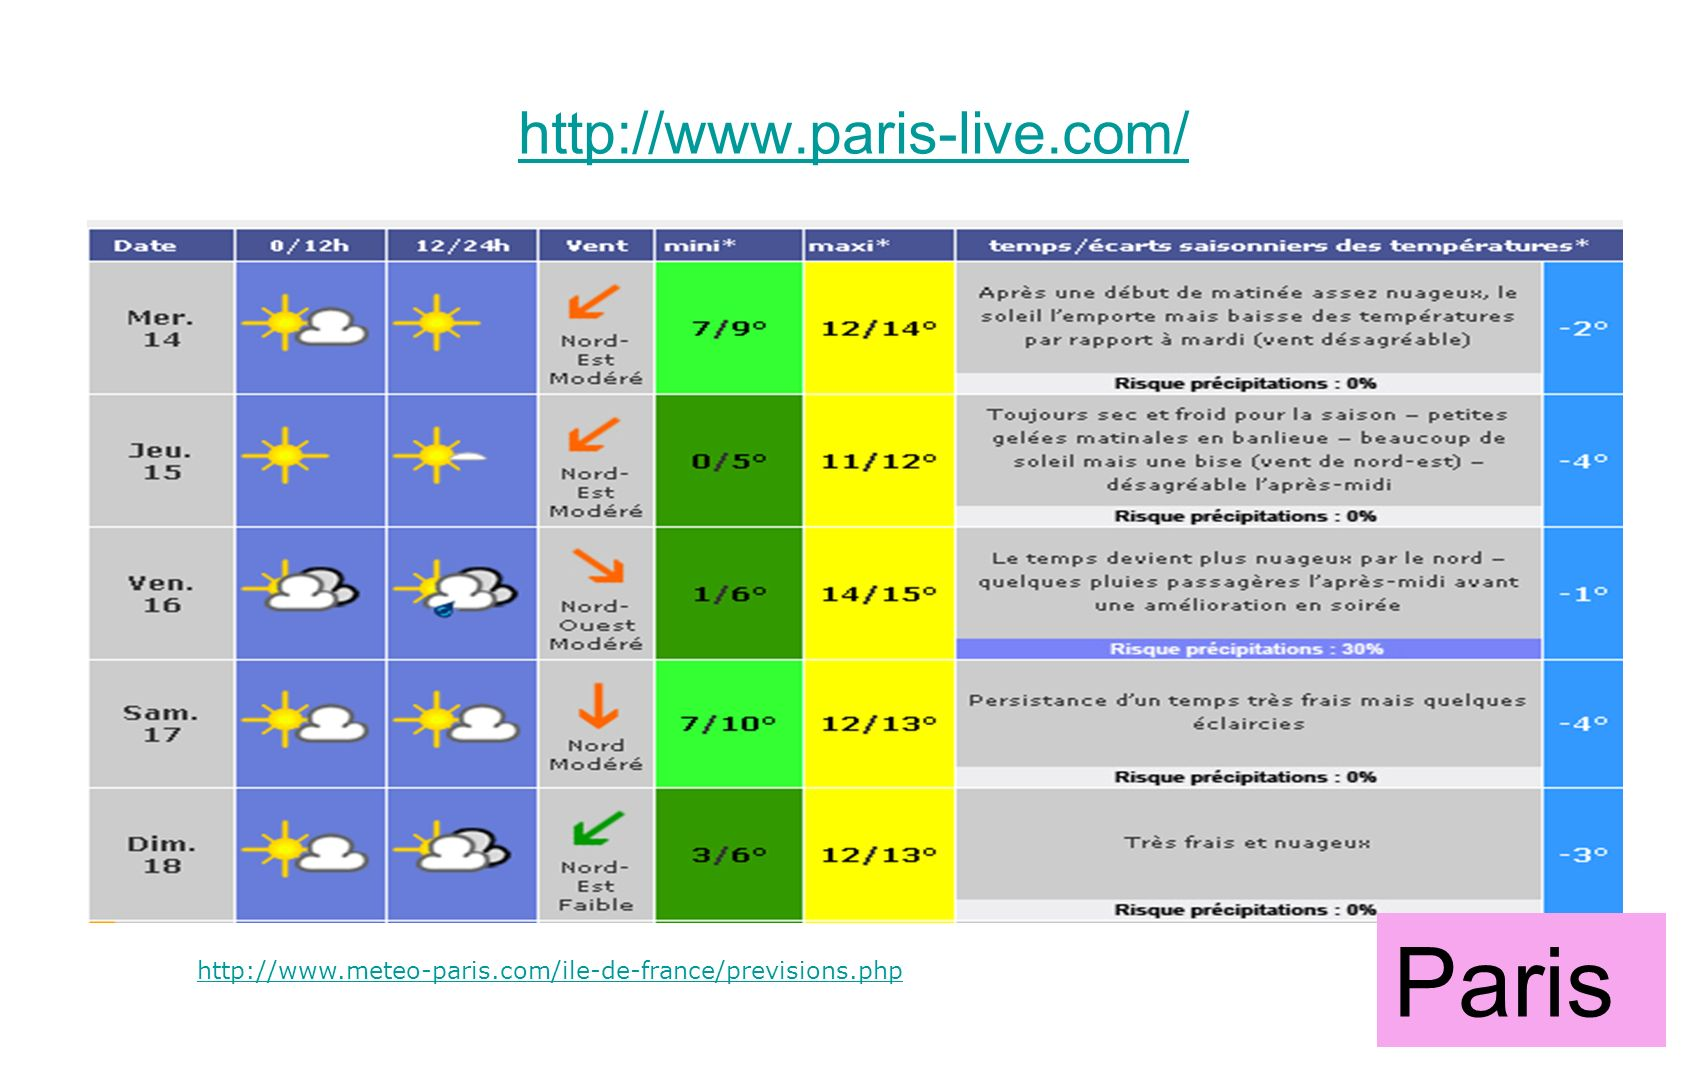 Paris http://www.paris-live.com/